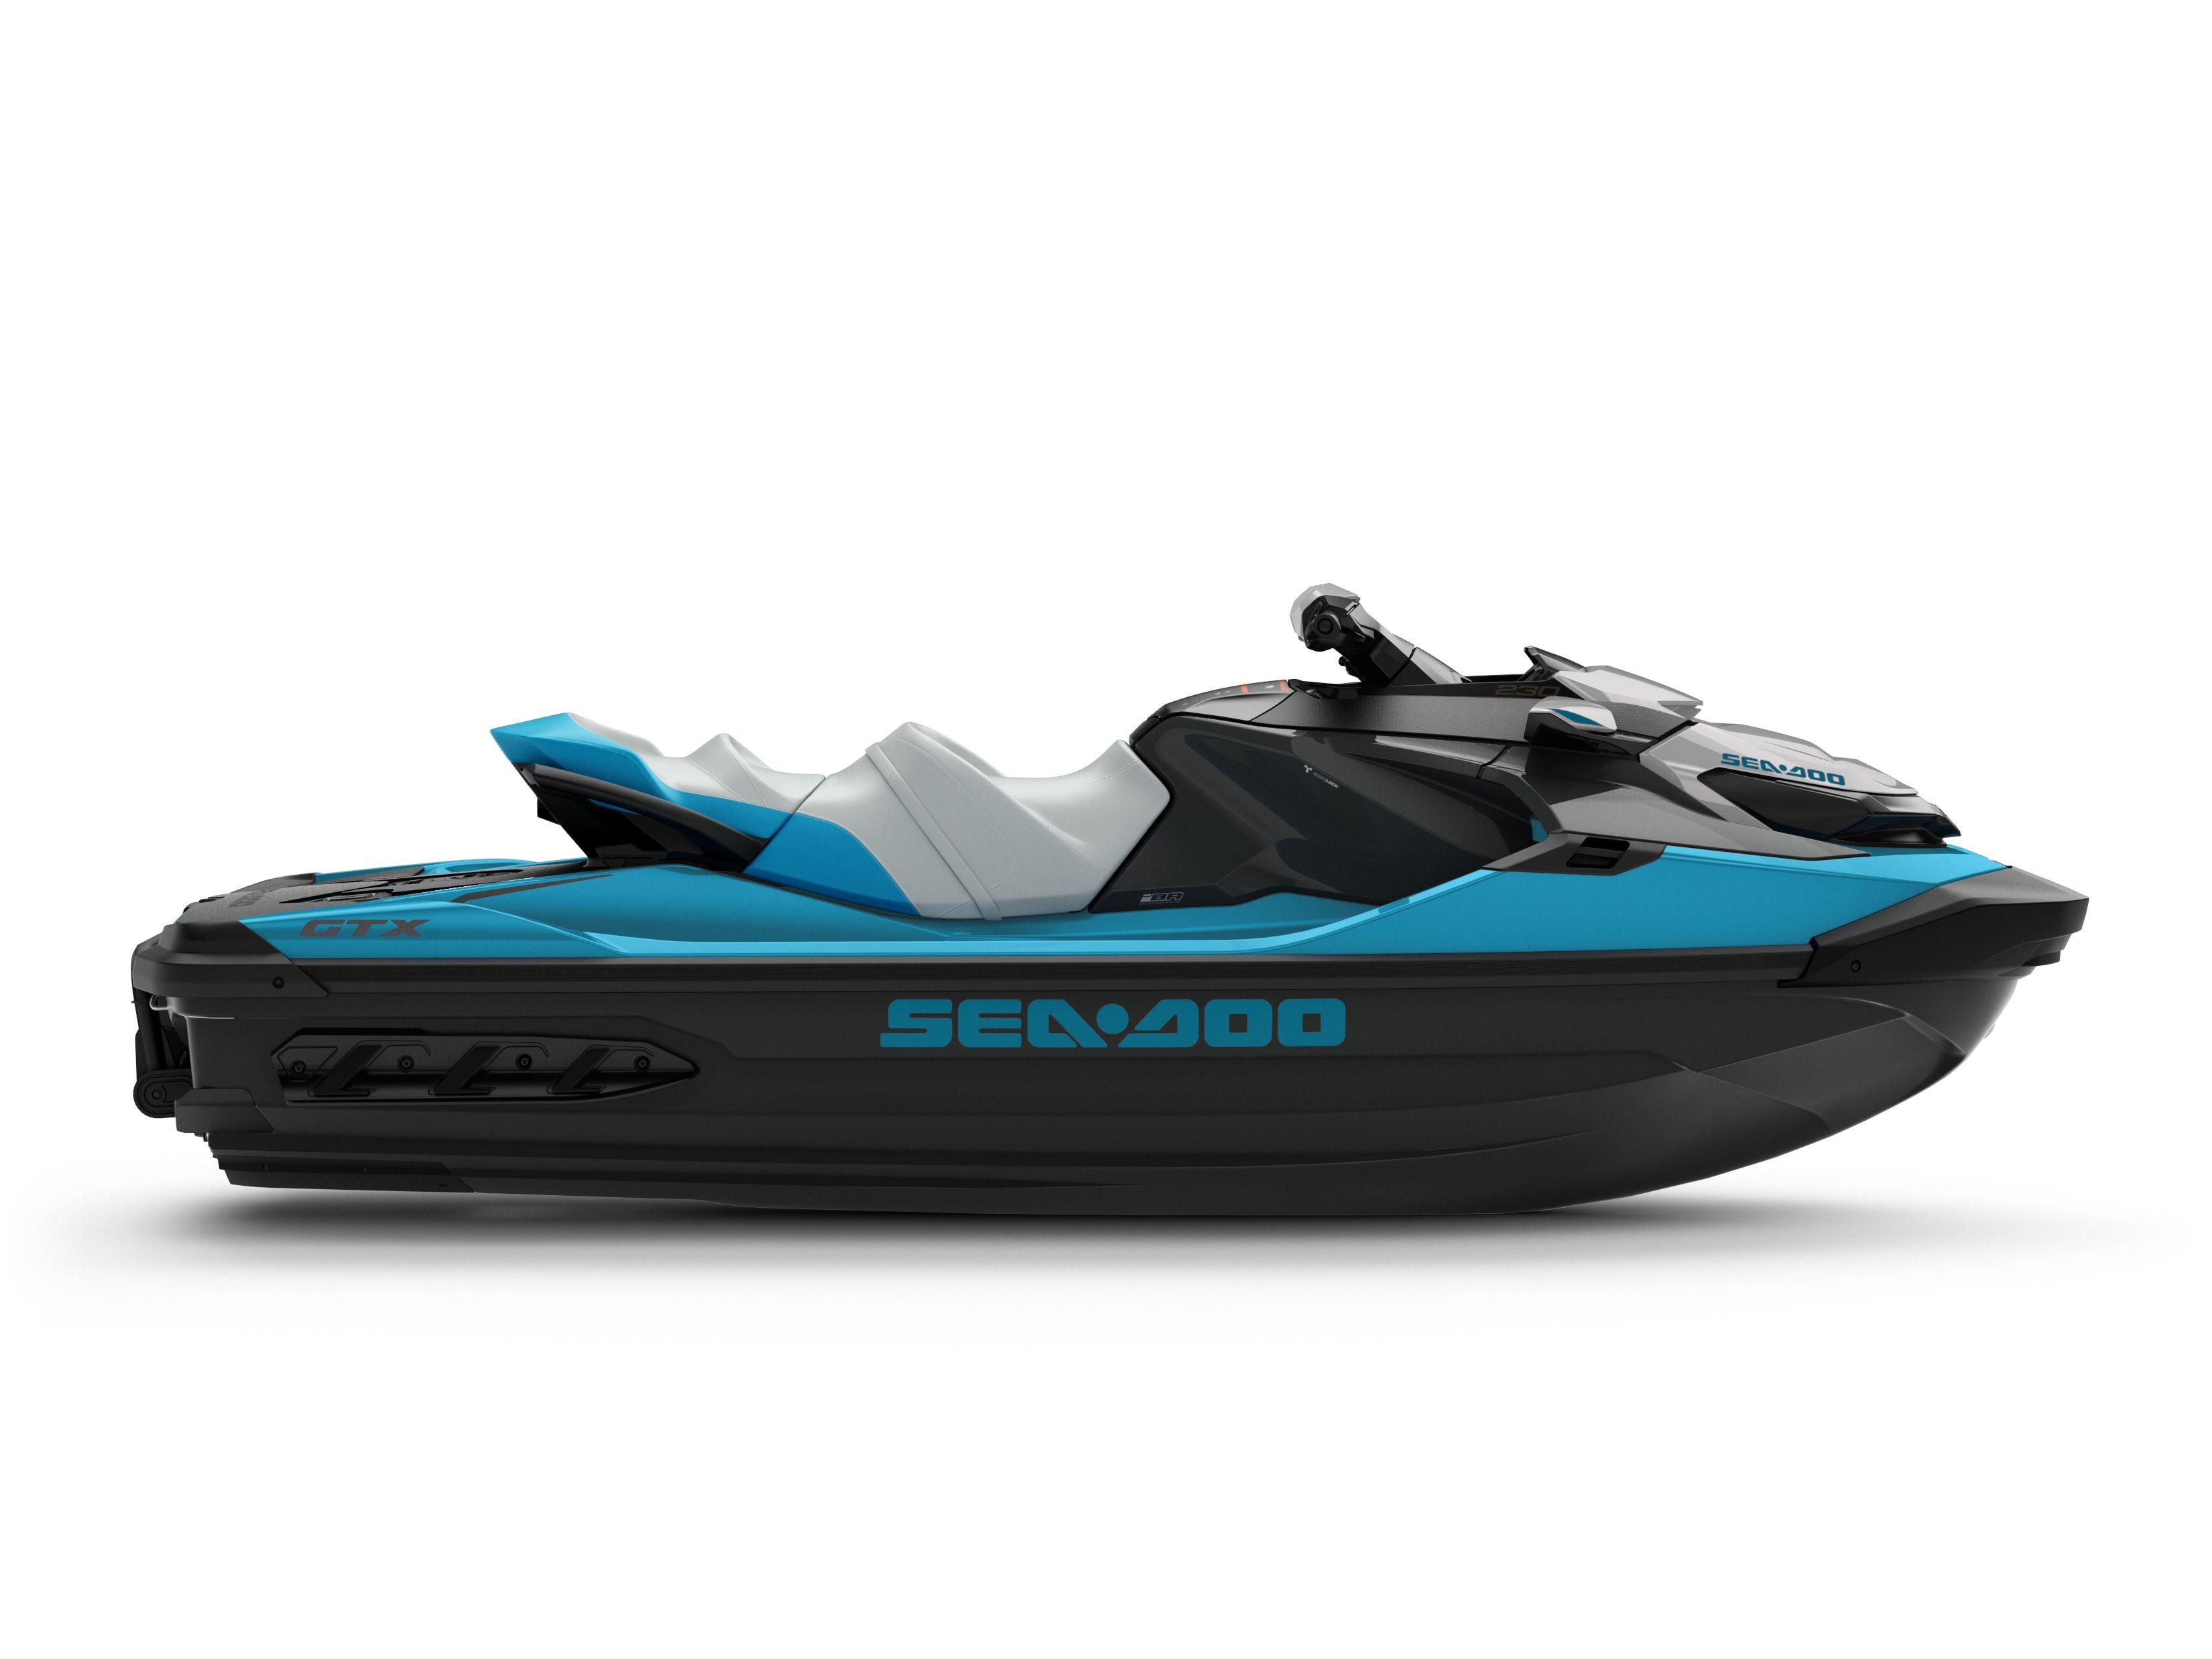 Seadoo Prices >> Seadoo GTX 230 | Deegan Marine